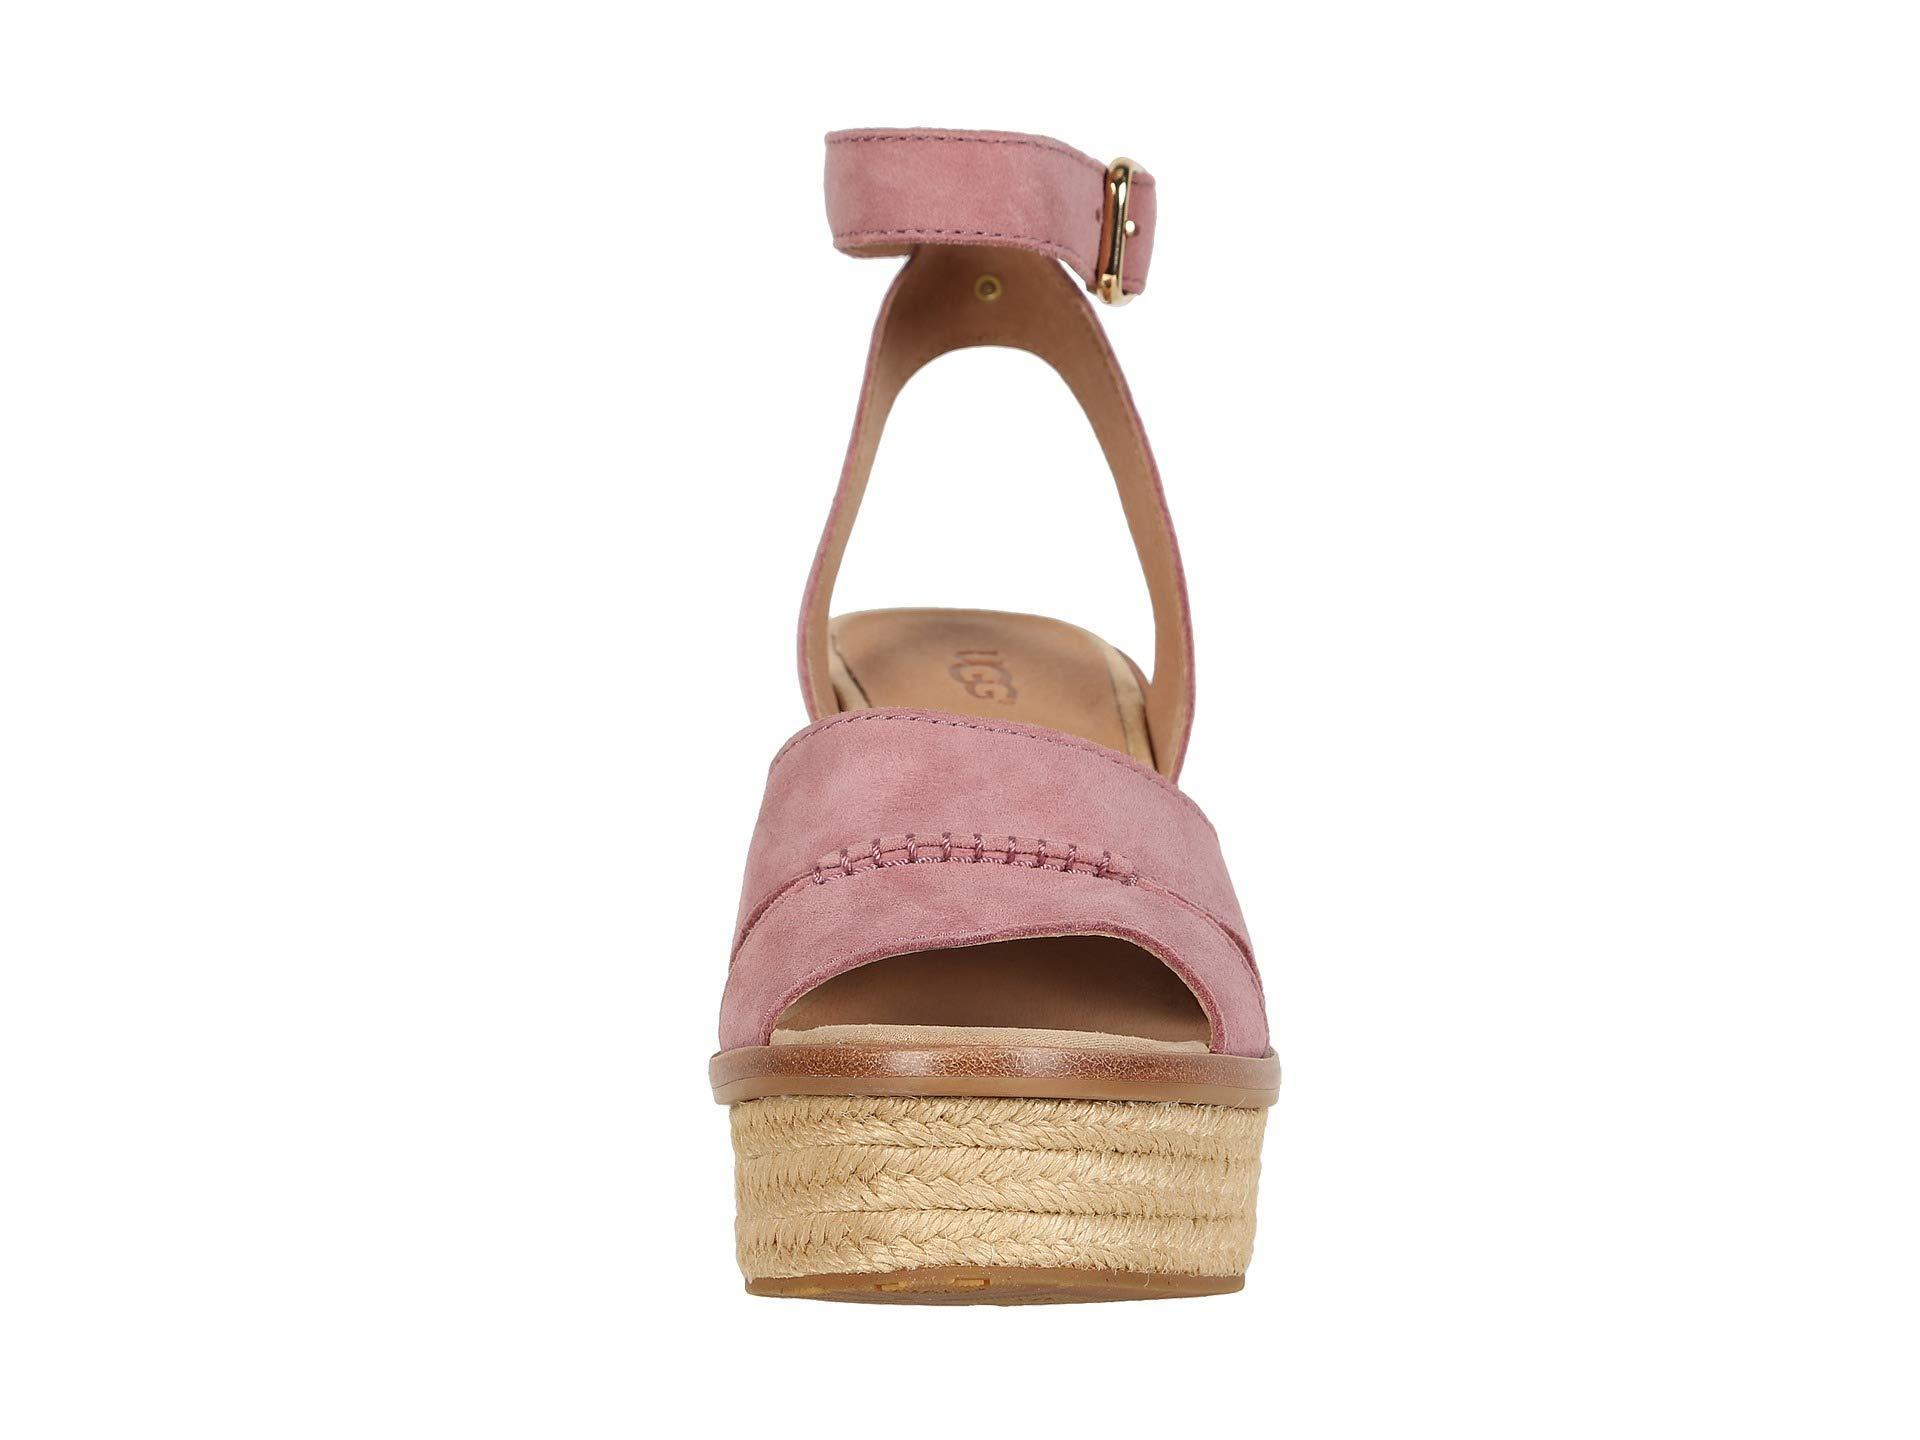 5004daae059 Ugg Pink Carine (chestnut) Women's Sandals